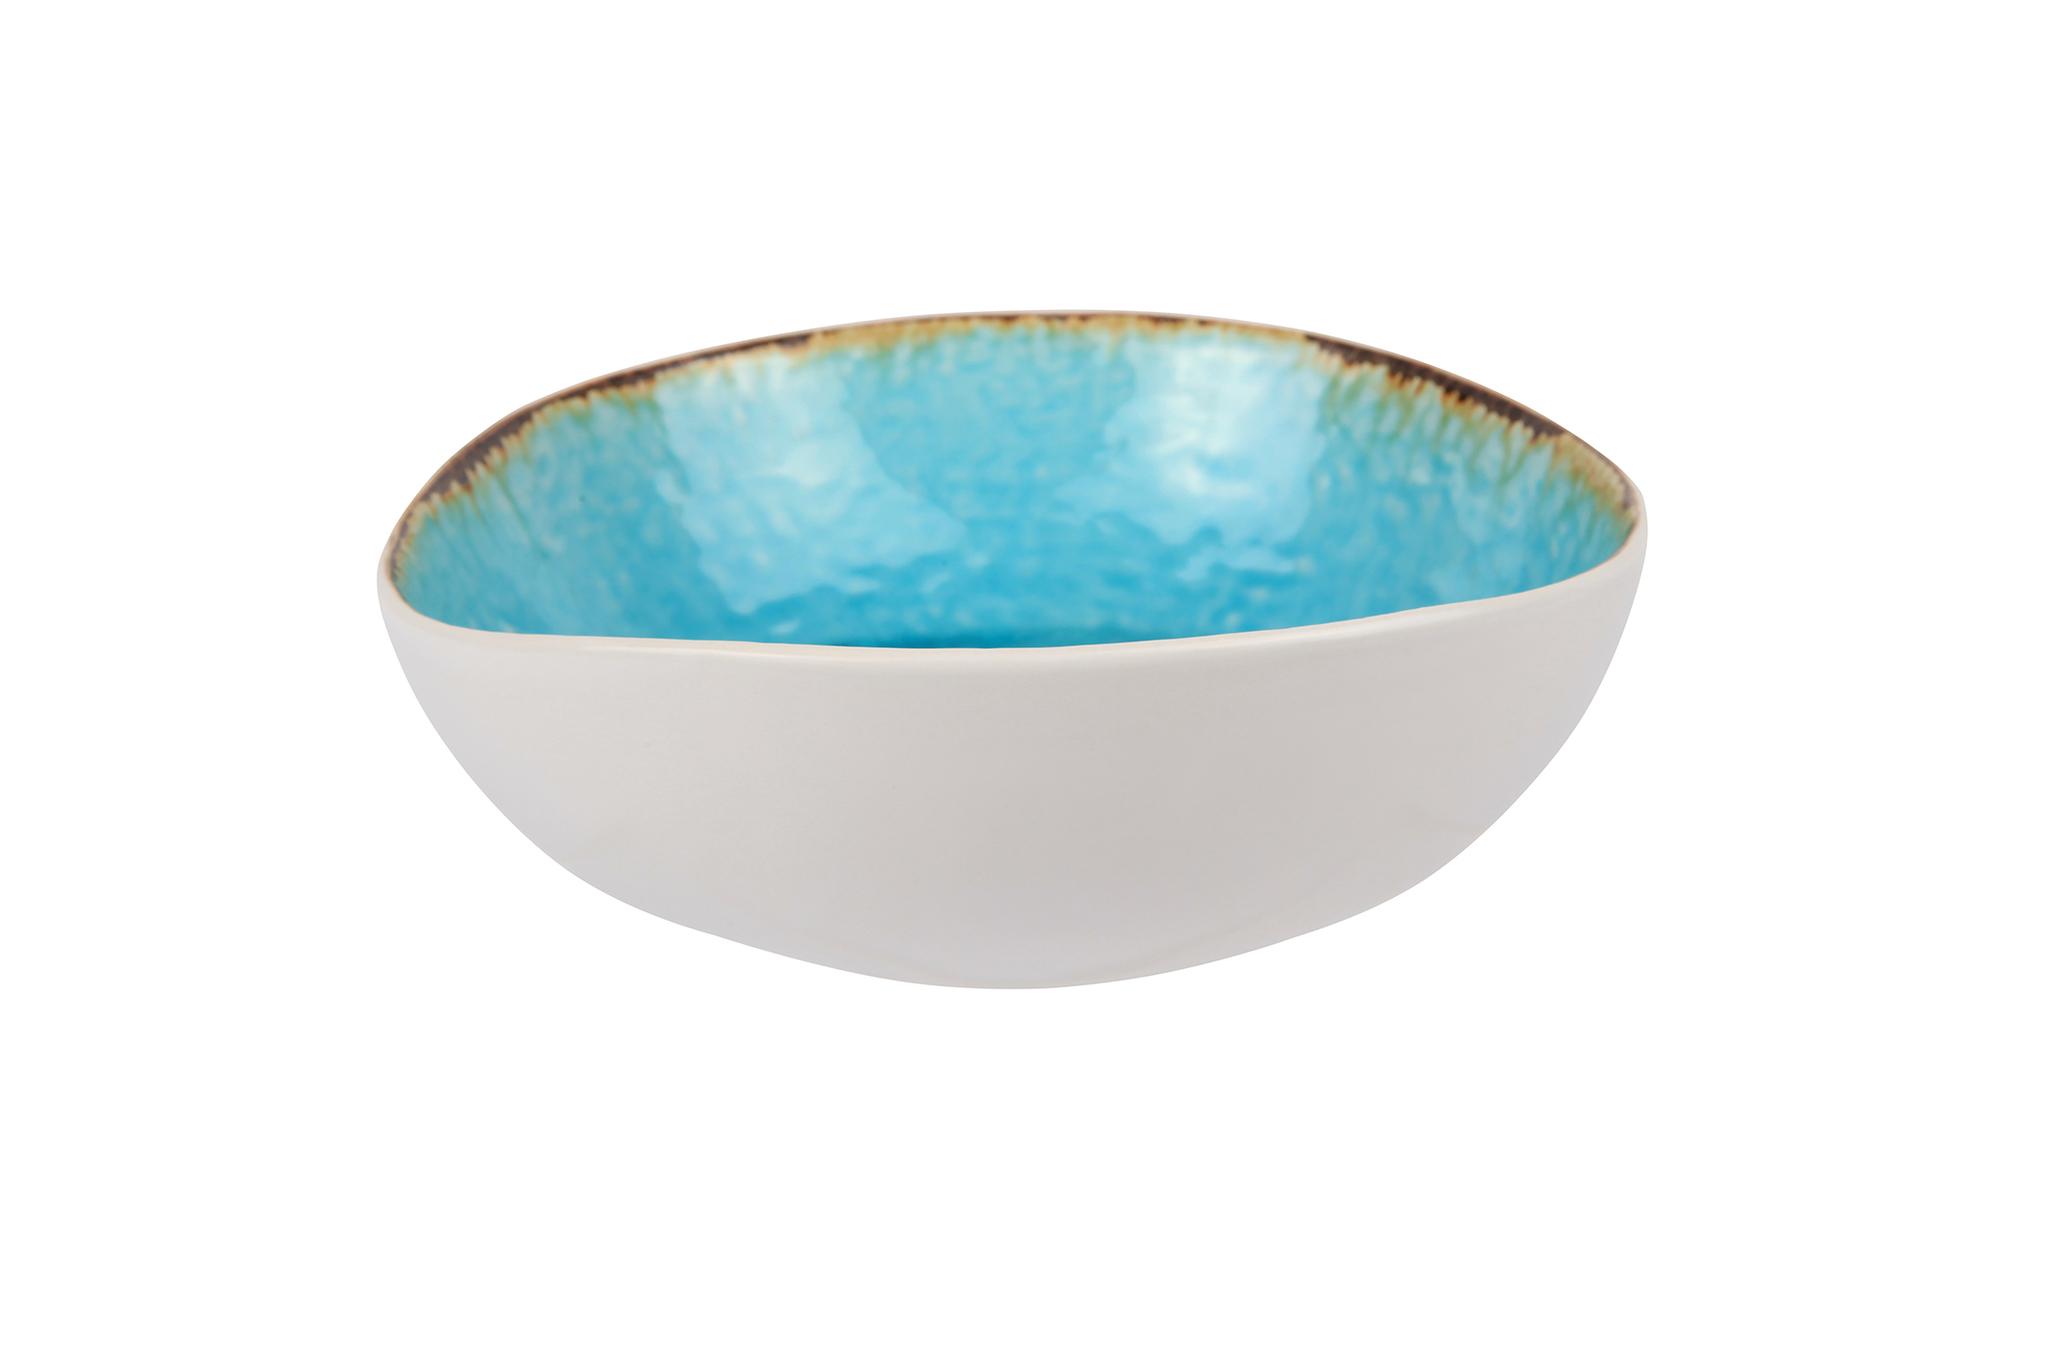 Миска 19х17,5х6 см COSY&amp;TRENDY Laguna azzuro 6272041Новинки<br>Миска 19х17,5х6 см COSY&amp;TRENDY Laguna azzuro 6272041<br><br>Эта коллекция из каменной керамики поражает удивительным цветом, текстурой и формой. Ярко-голубой оттенок с волнистым рельефом погружают в райскую лагуну. Органические края для дополнительного дизайна. Коллекция Laguna Azzuro воссоздает исключительный внешний вид приготовленных блюд.<br>